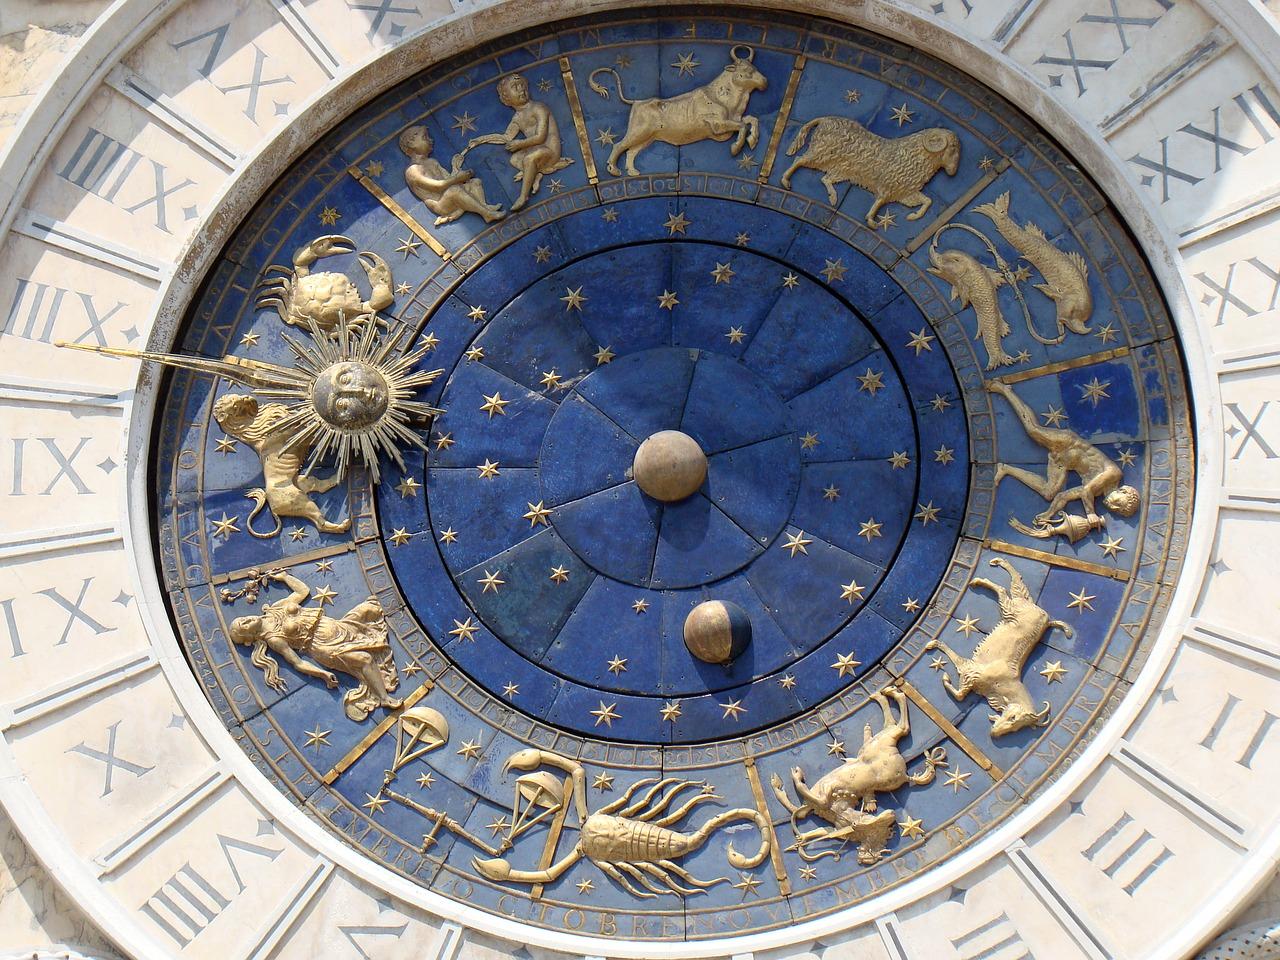 Tα ζώδια σήμερα 3 Μαρτίου: Η Σελήνη φέρνει ψευδαισθήσεις και εγωισμό